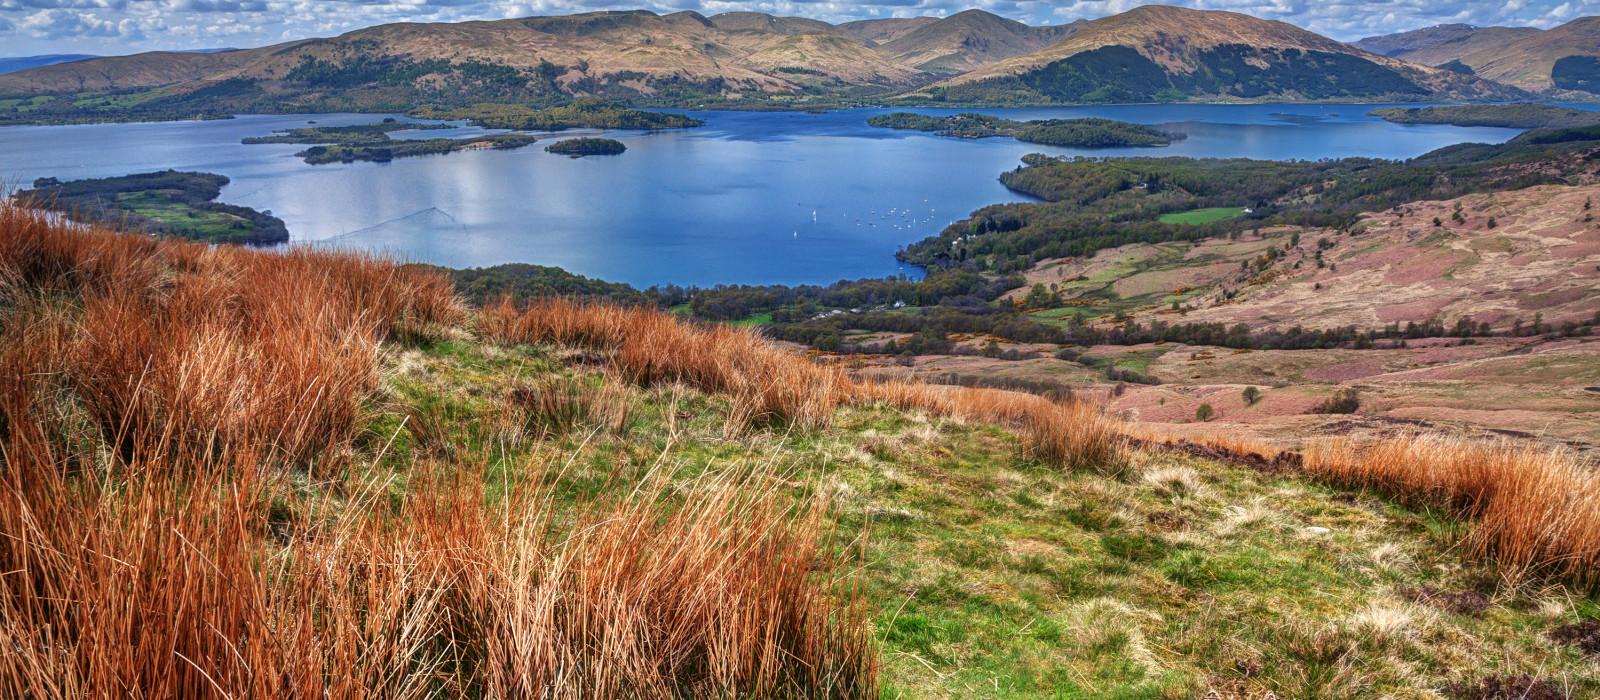 Destination Loch Lomond UK & Ireland